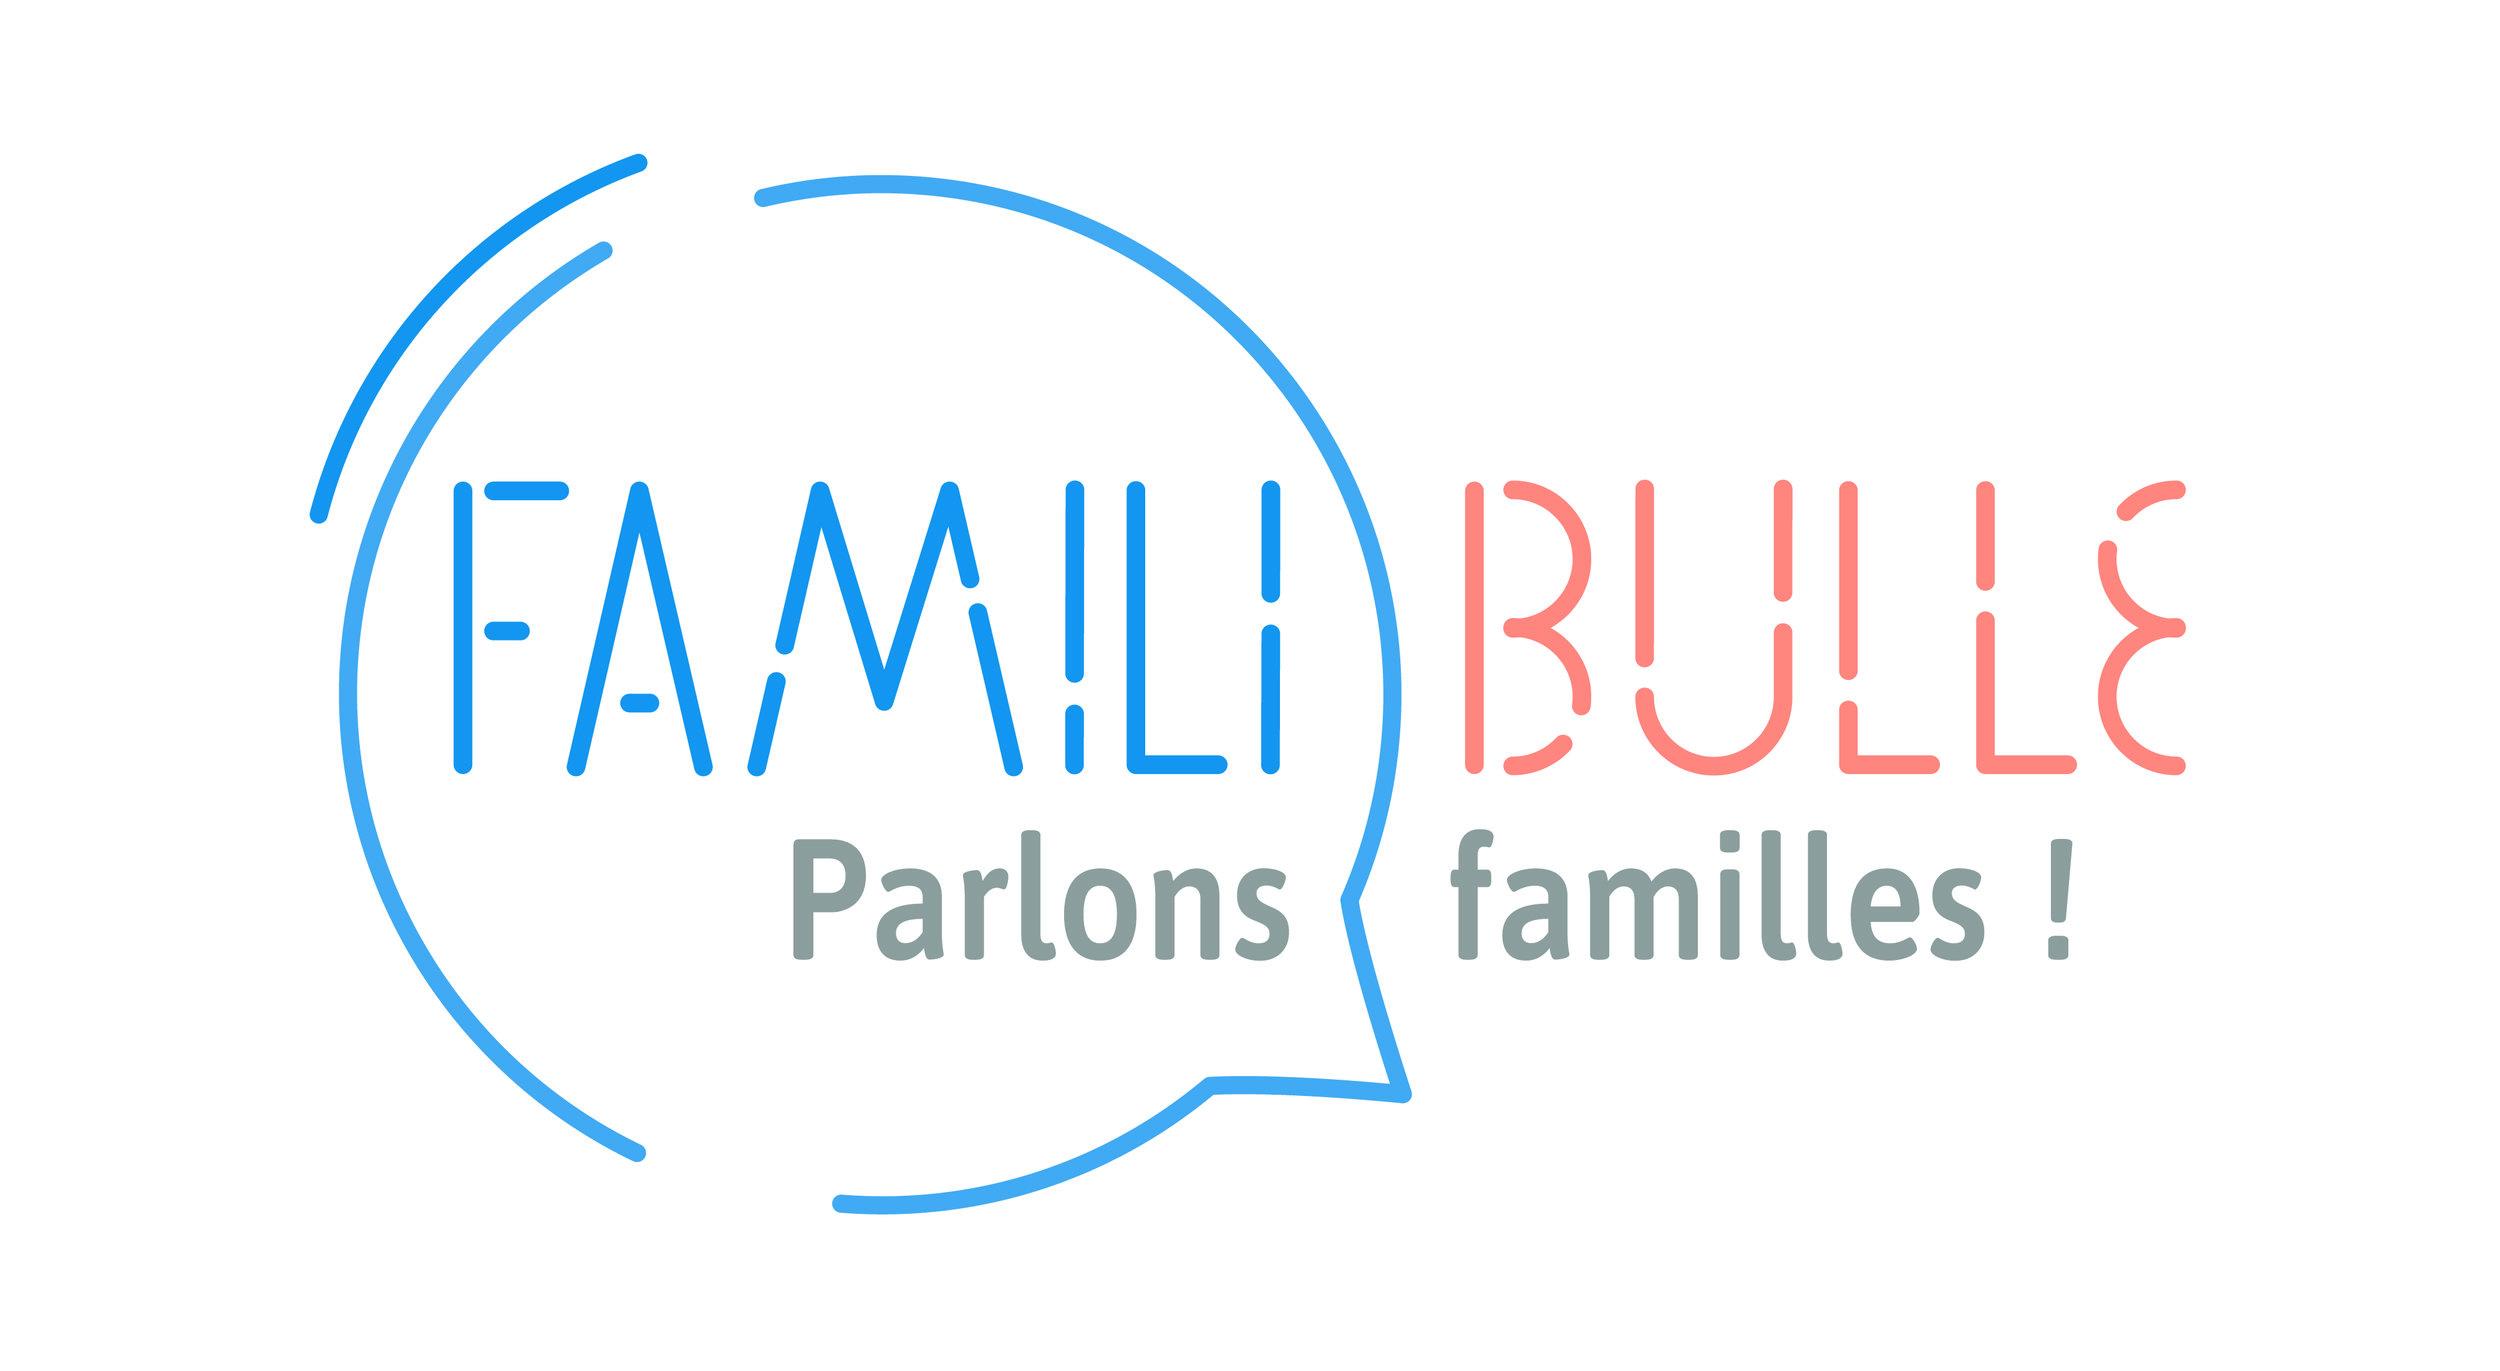 logotype-familibulle-CMJN-01.jpg